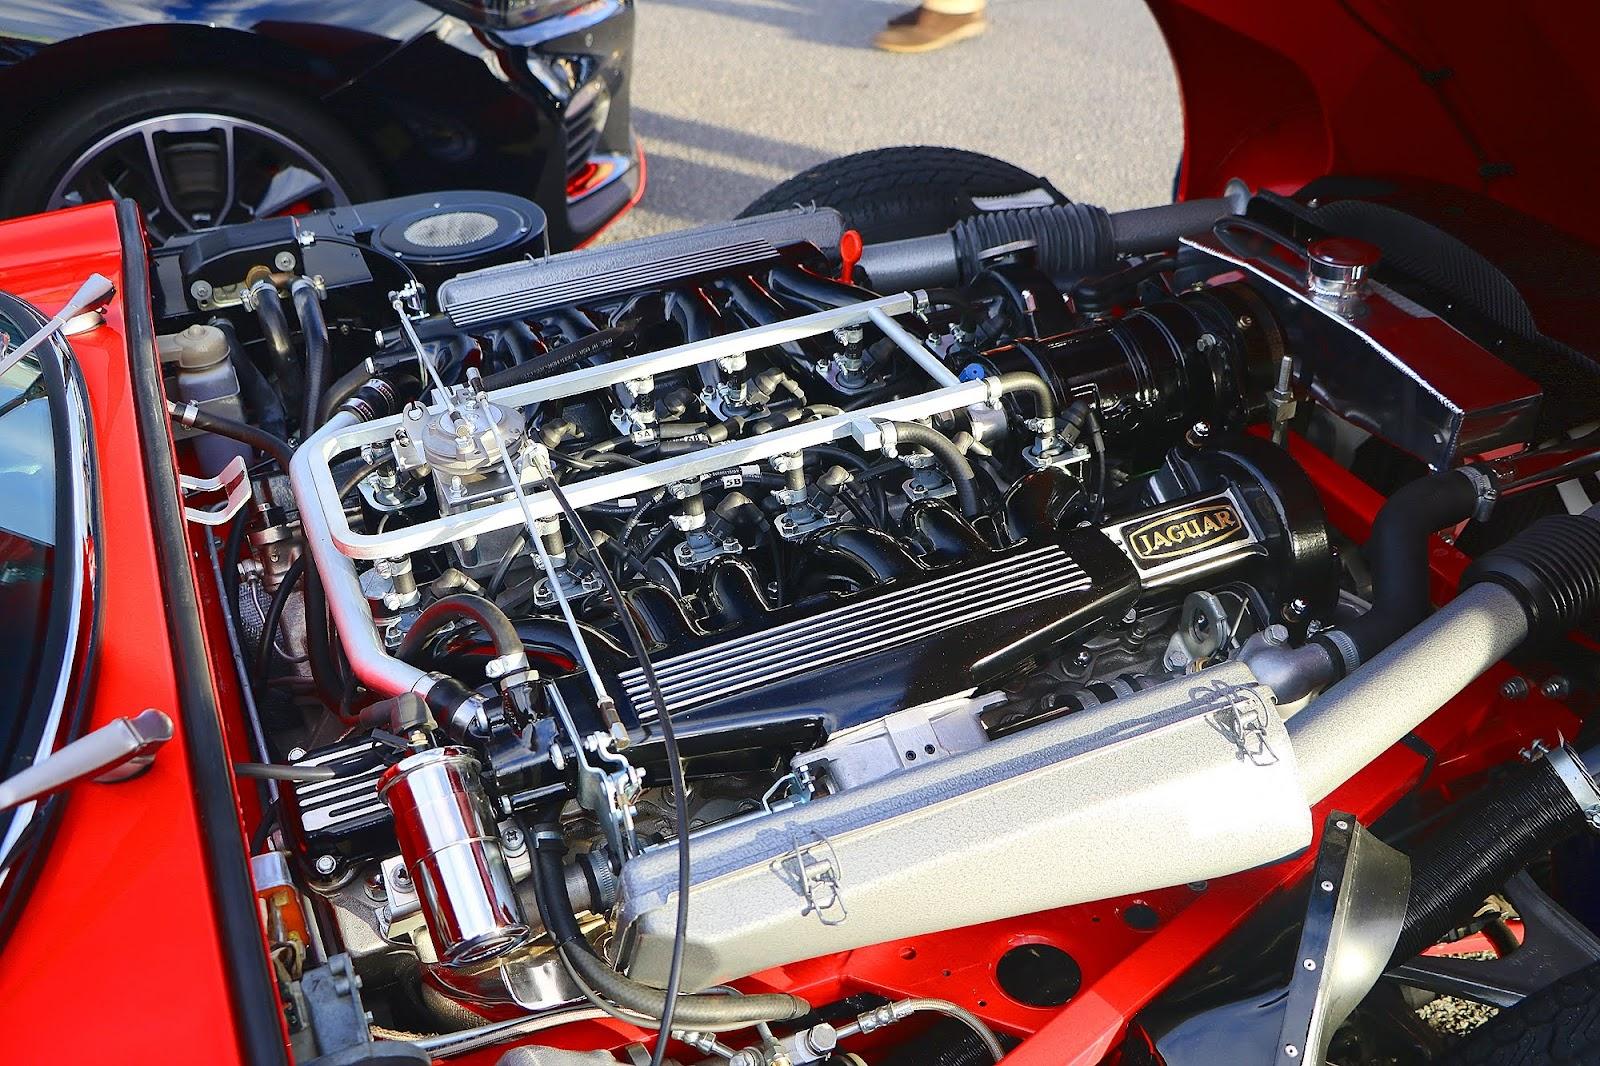 1974 Jaguar E-Type V-12 Engine.jpg